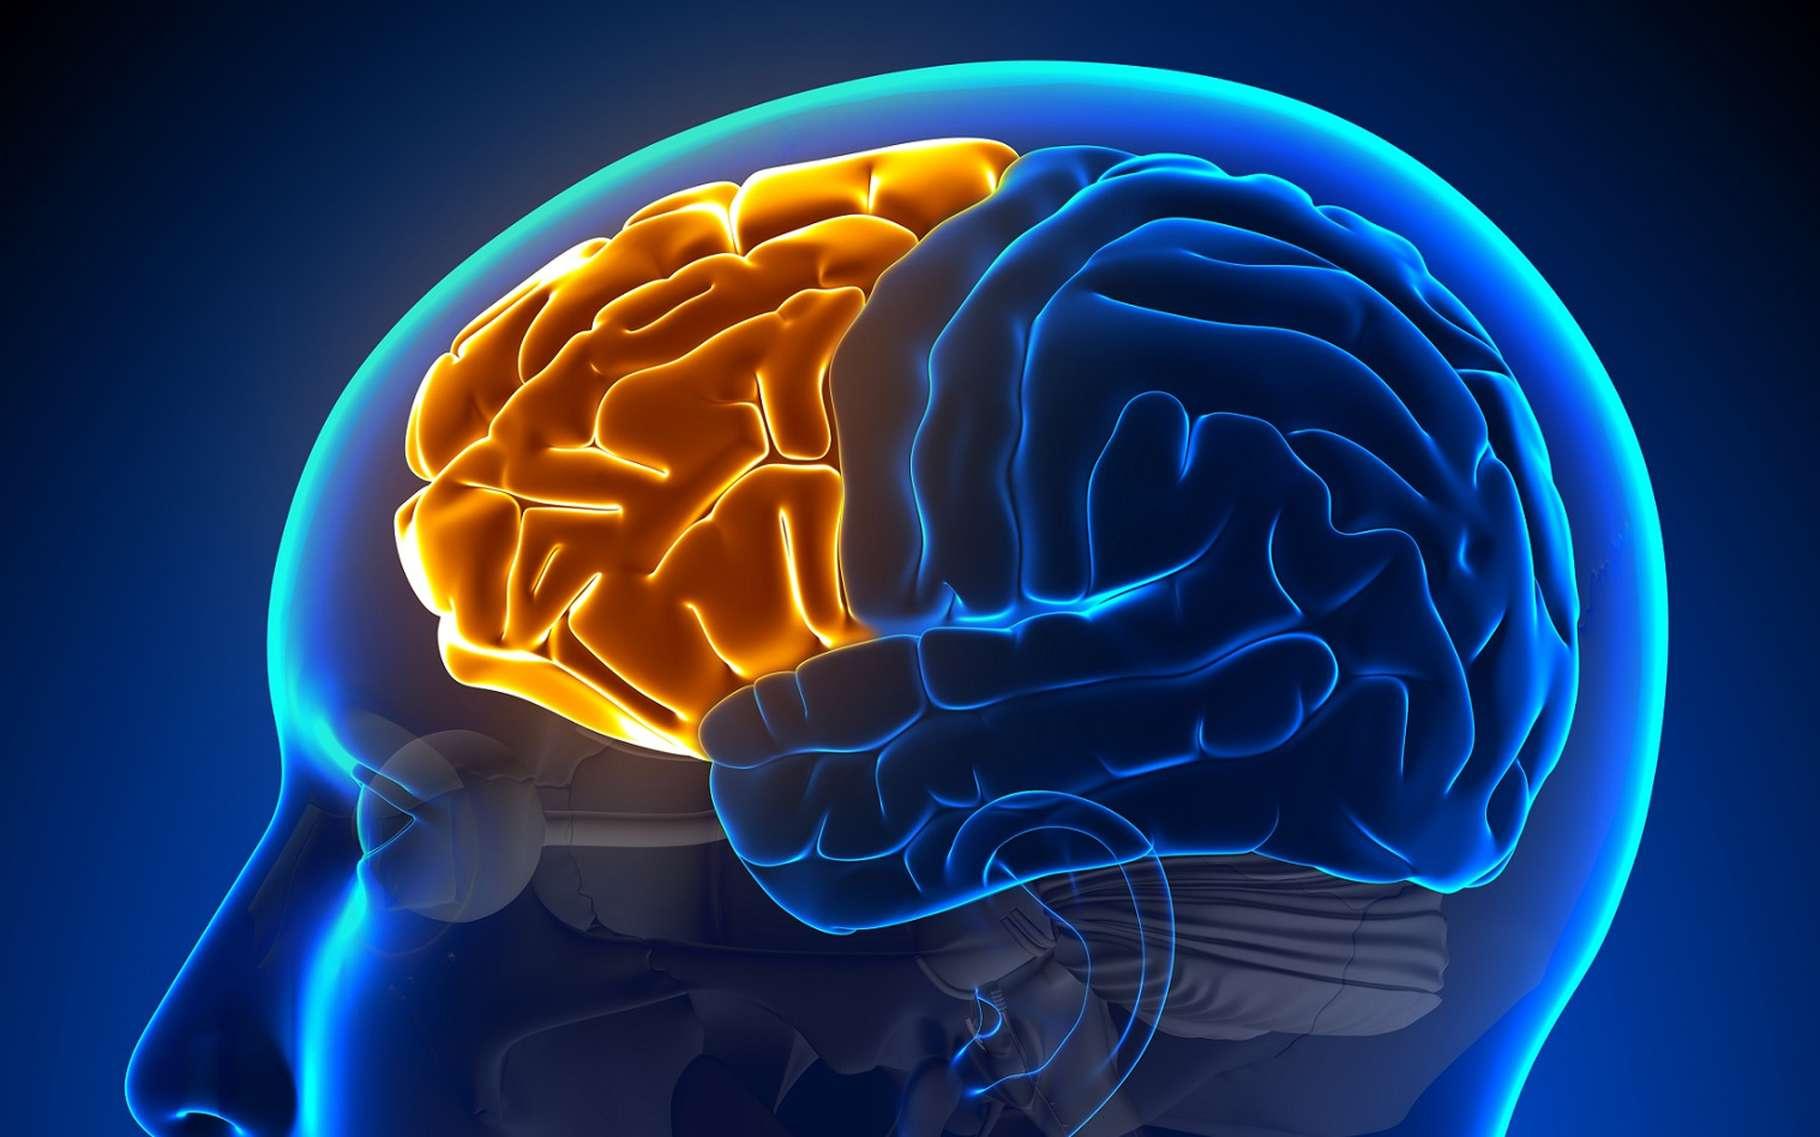 Le cortex préfrontal (en orange sur l'image) constitue la partie antérieure du lobe frontal. © decade3d - anatomy online, Shutterstock